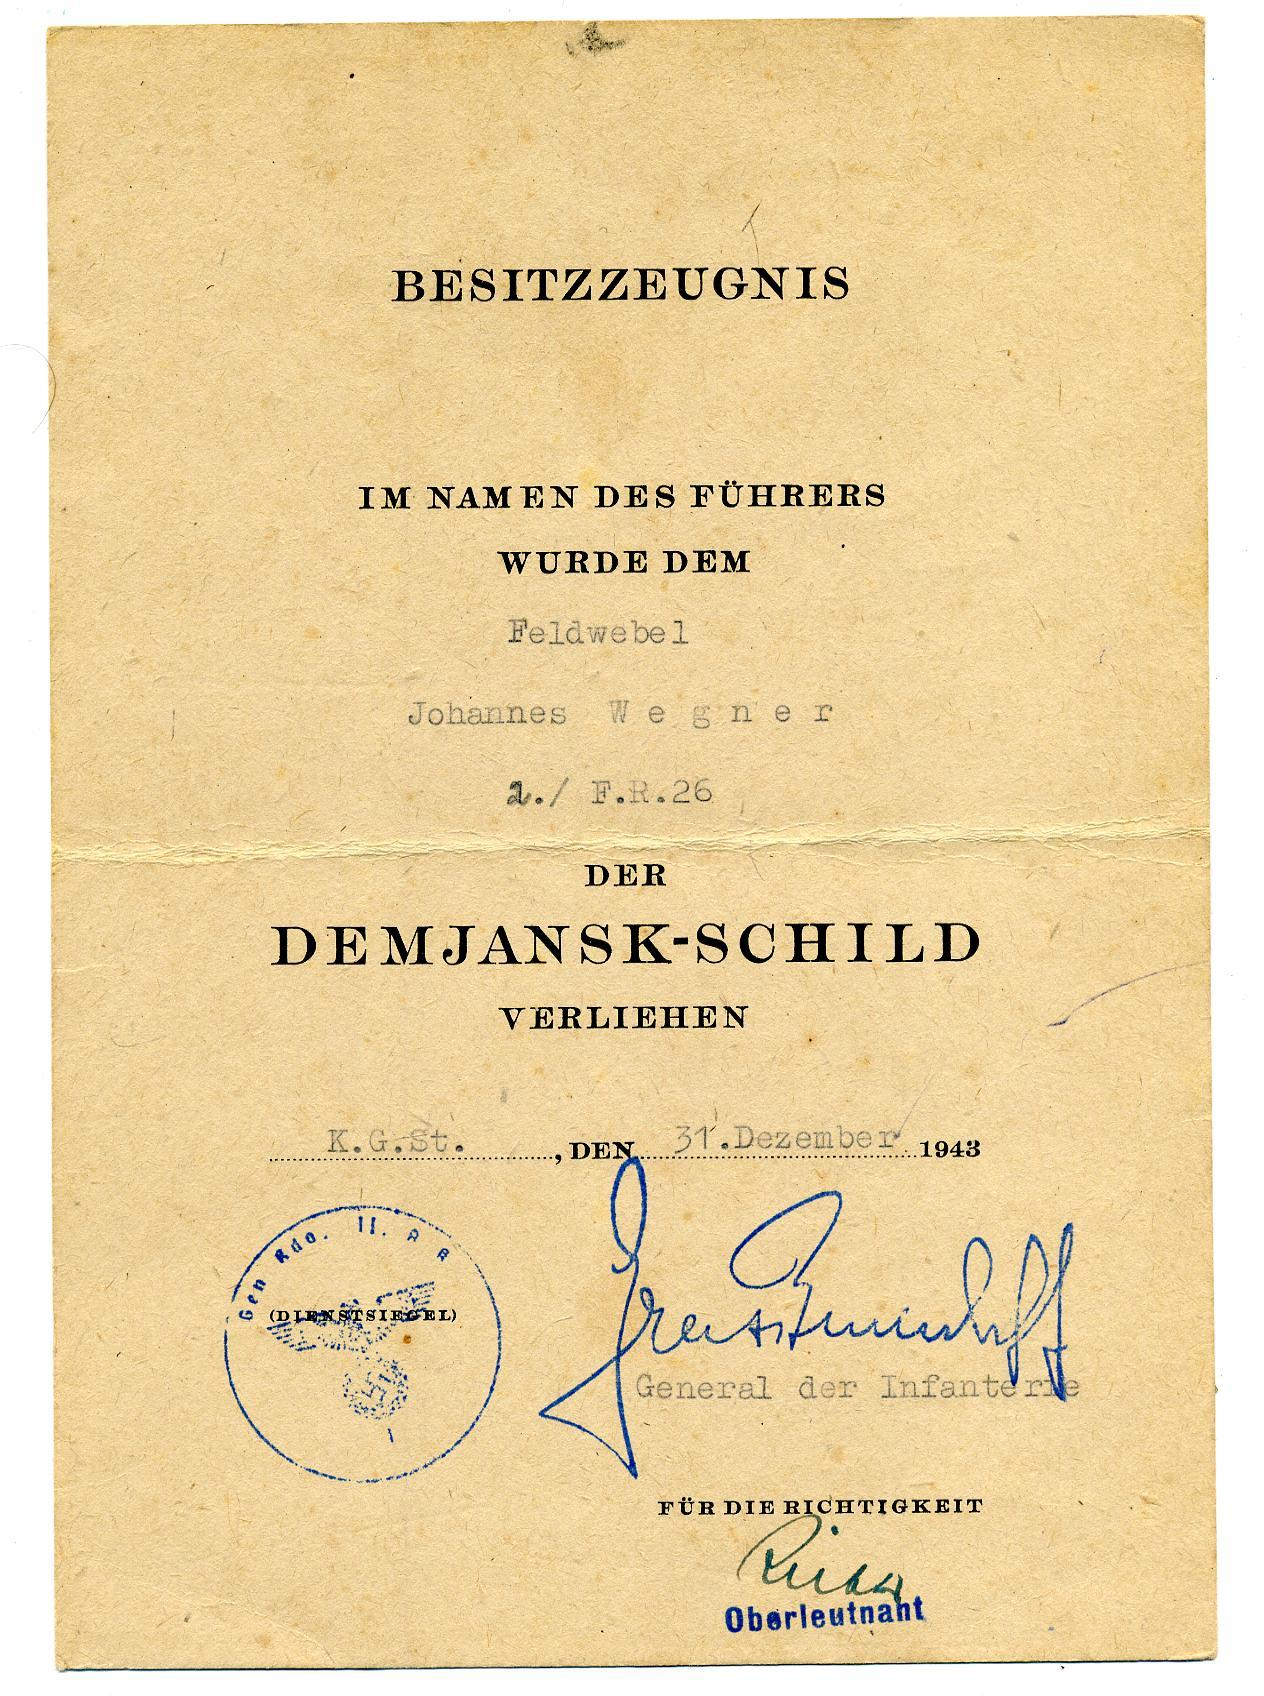 Demjansk award Document.